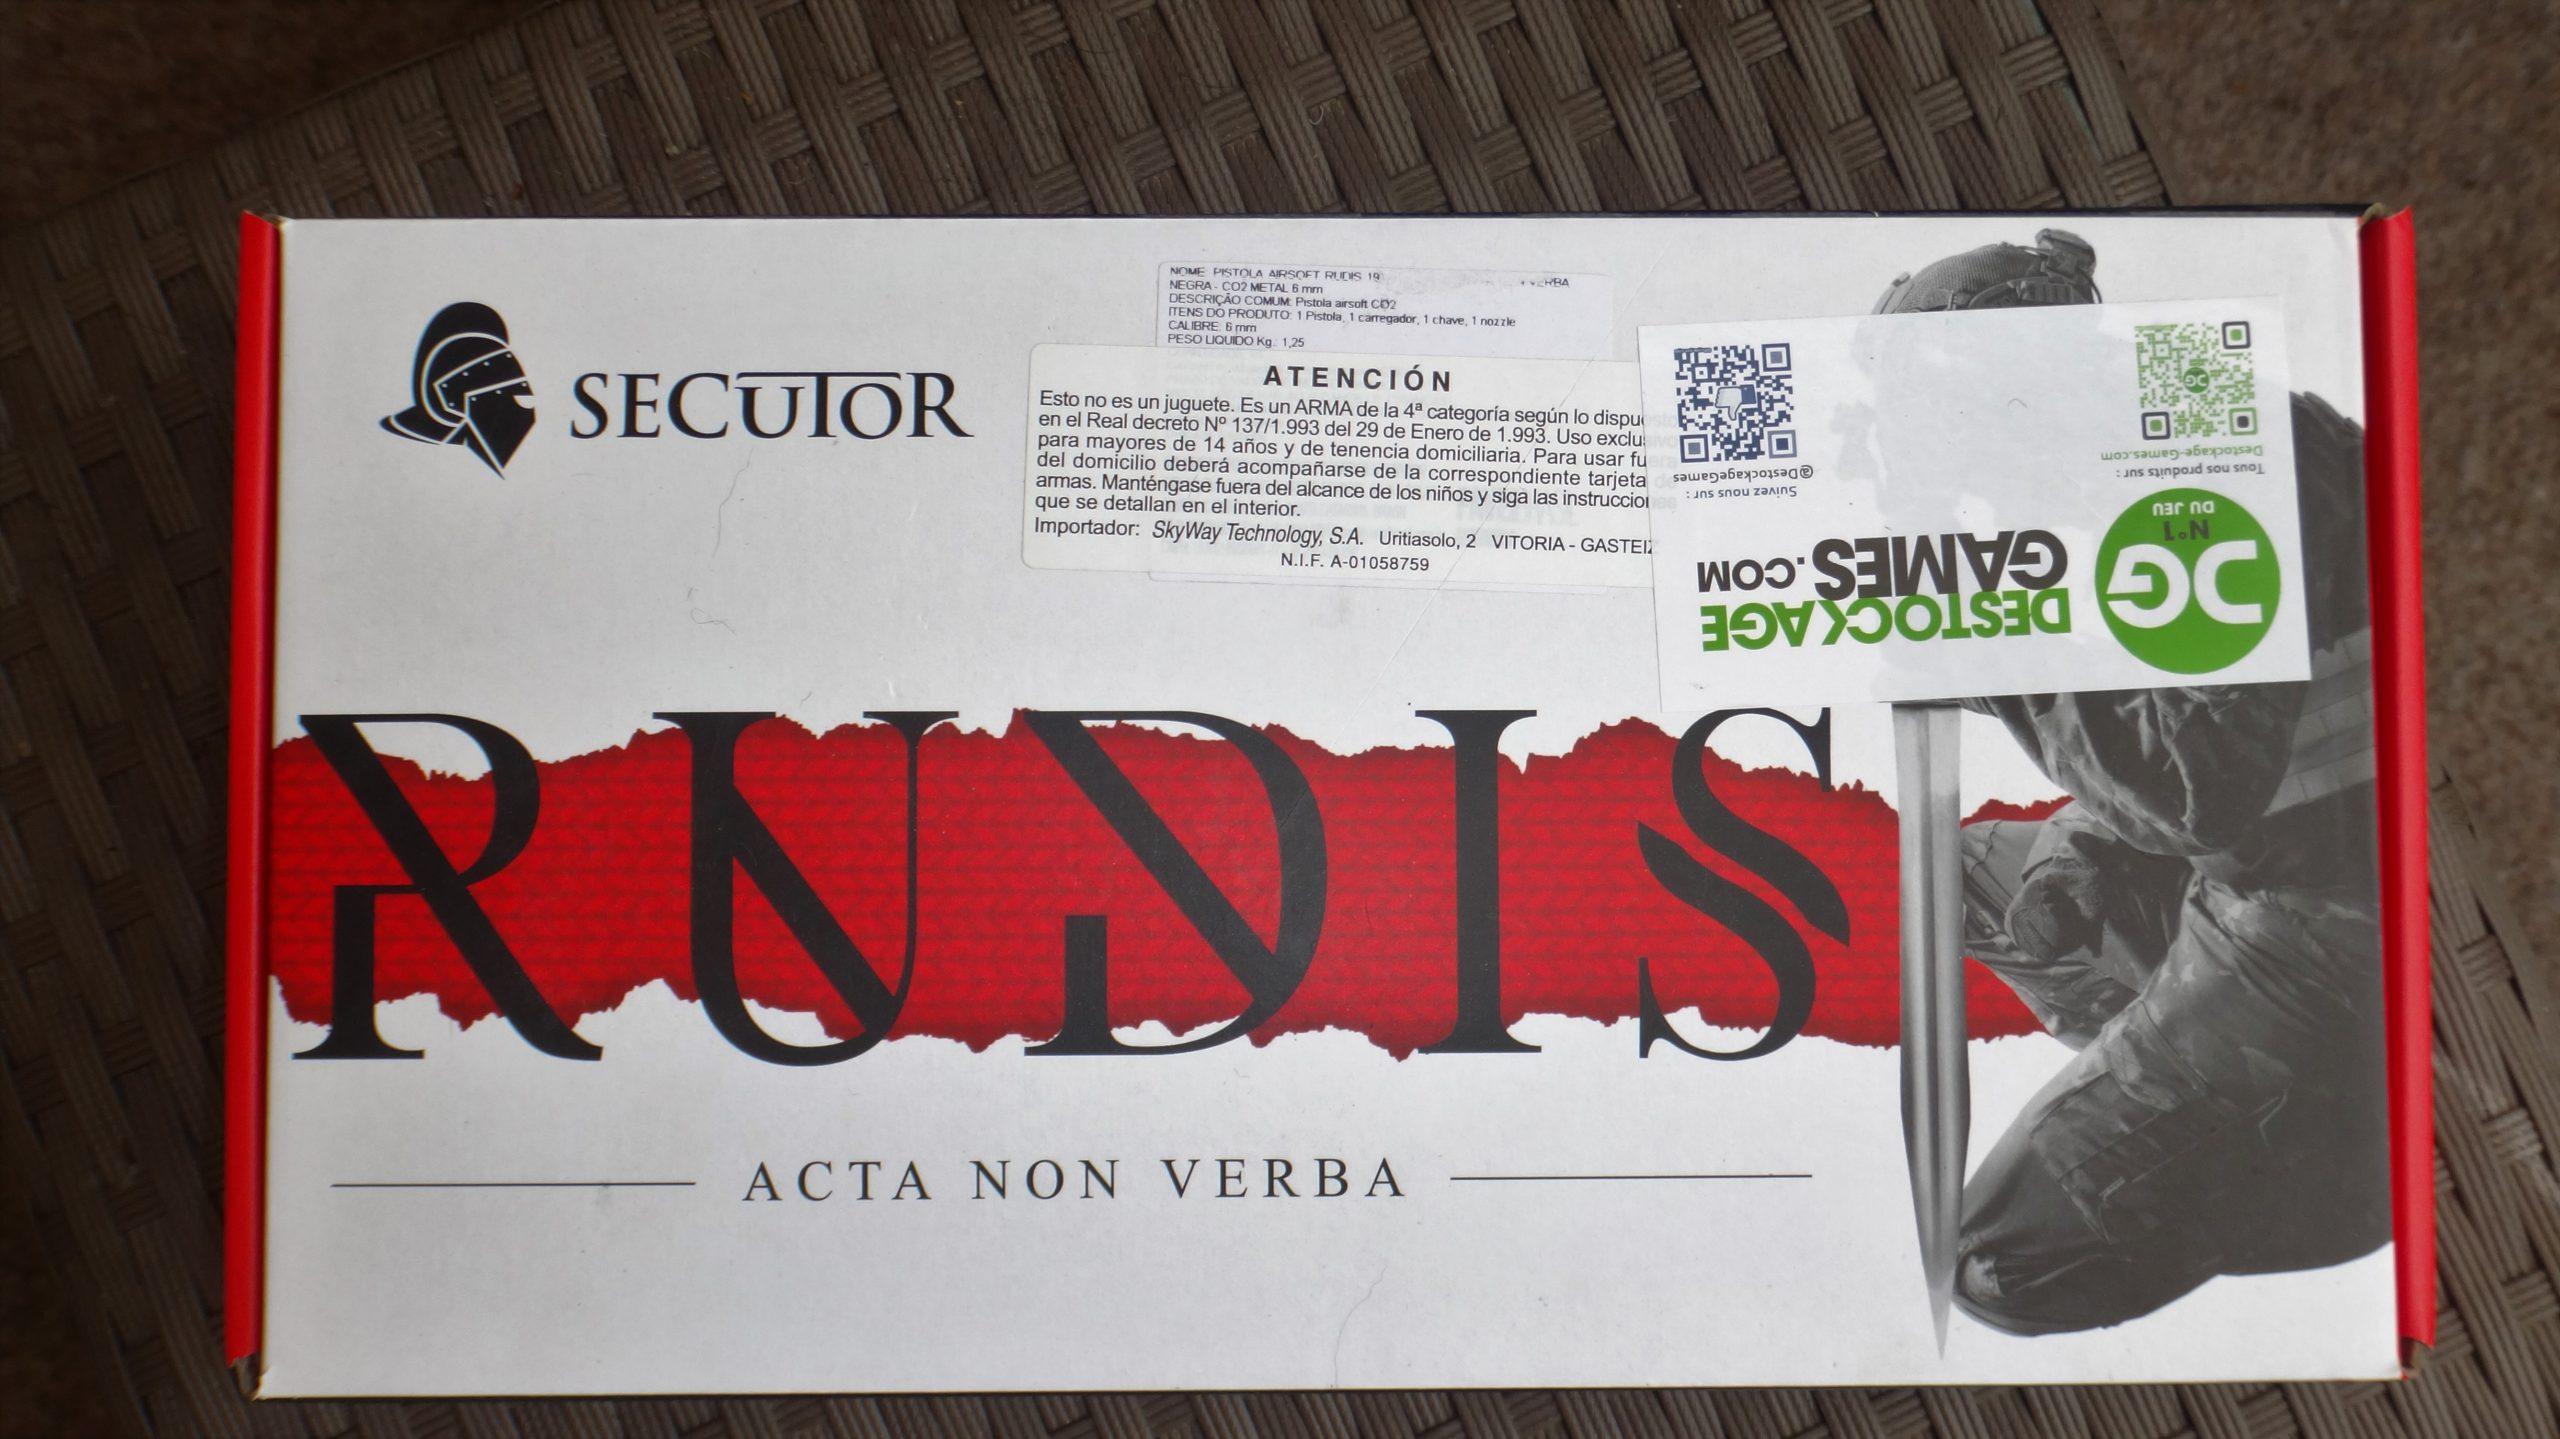 Colt 911  Acta Non Verba Rudis X Secutor